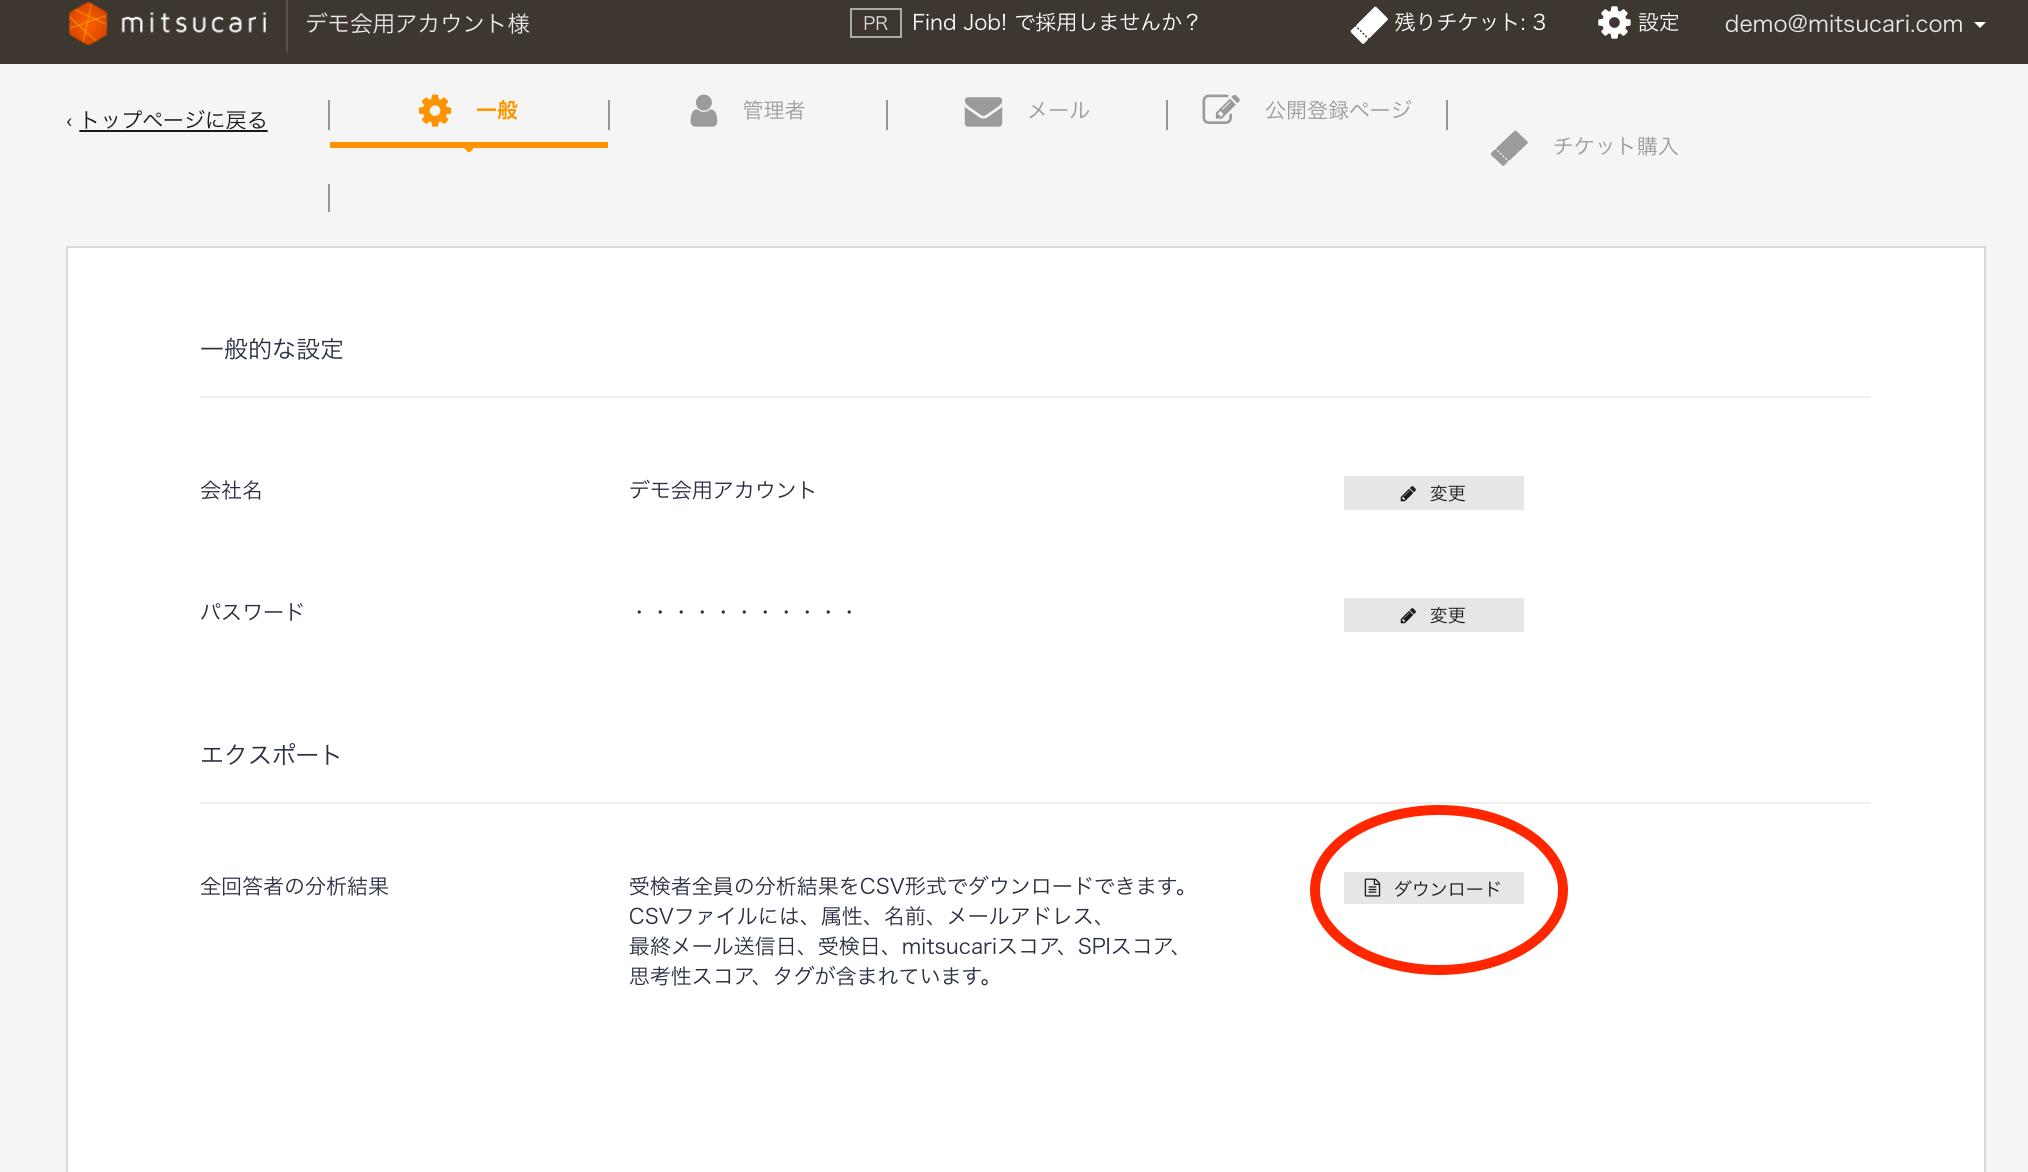 csvファイルダウンロード